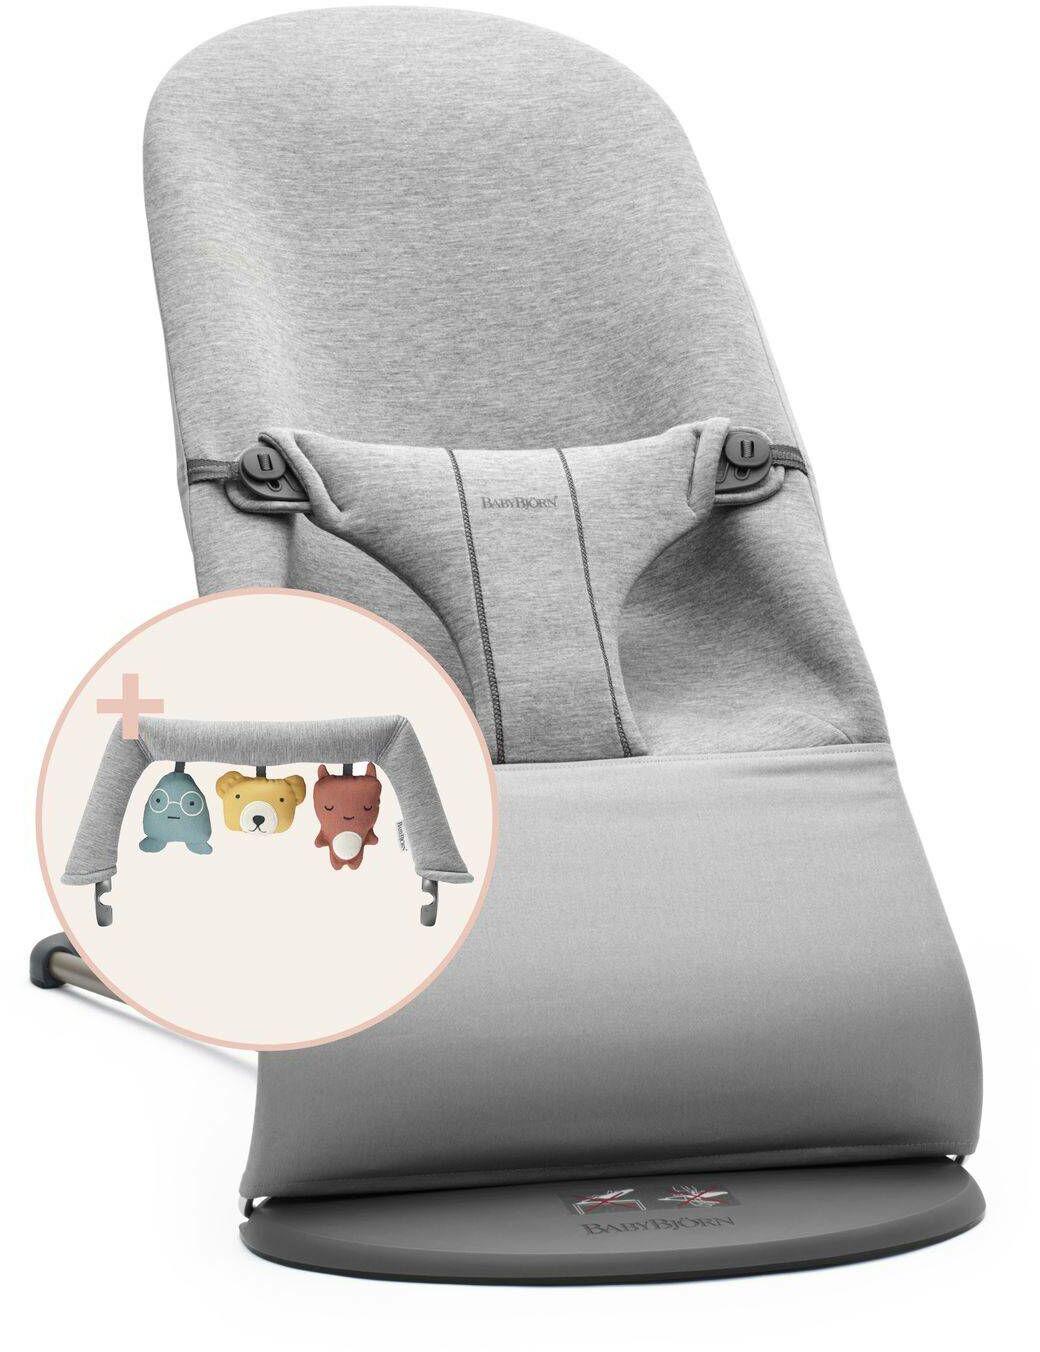 BABYBJORN - leżaczek BLISS 3D Jersey - Jasny Szary + Zabawka BALANCE - Soft Friends